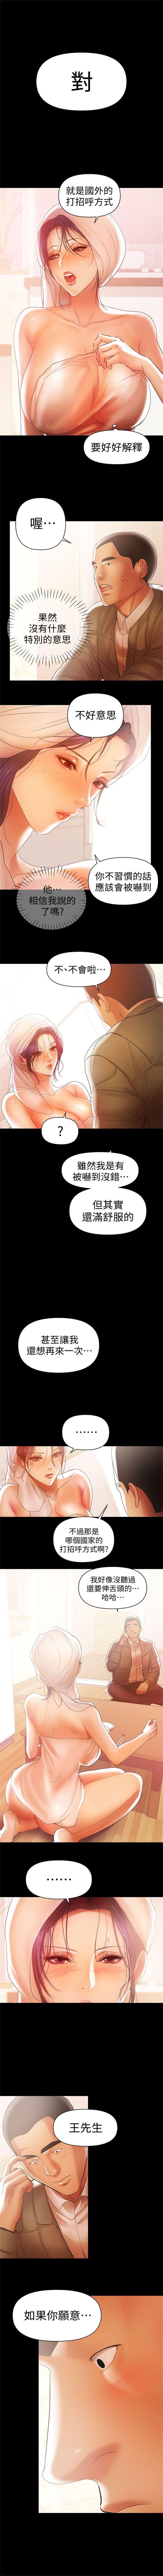 (週6)兼職奶媽 1-31 中文翻譯 (更新中) 100